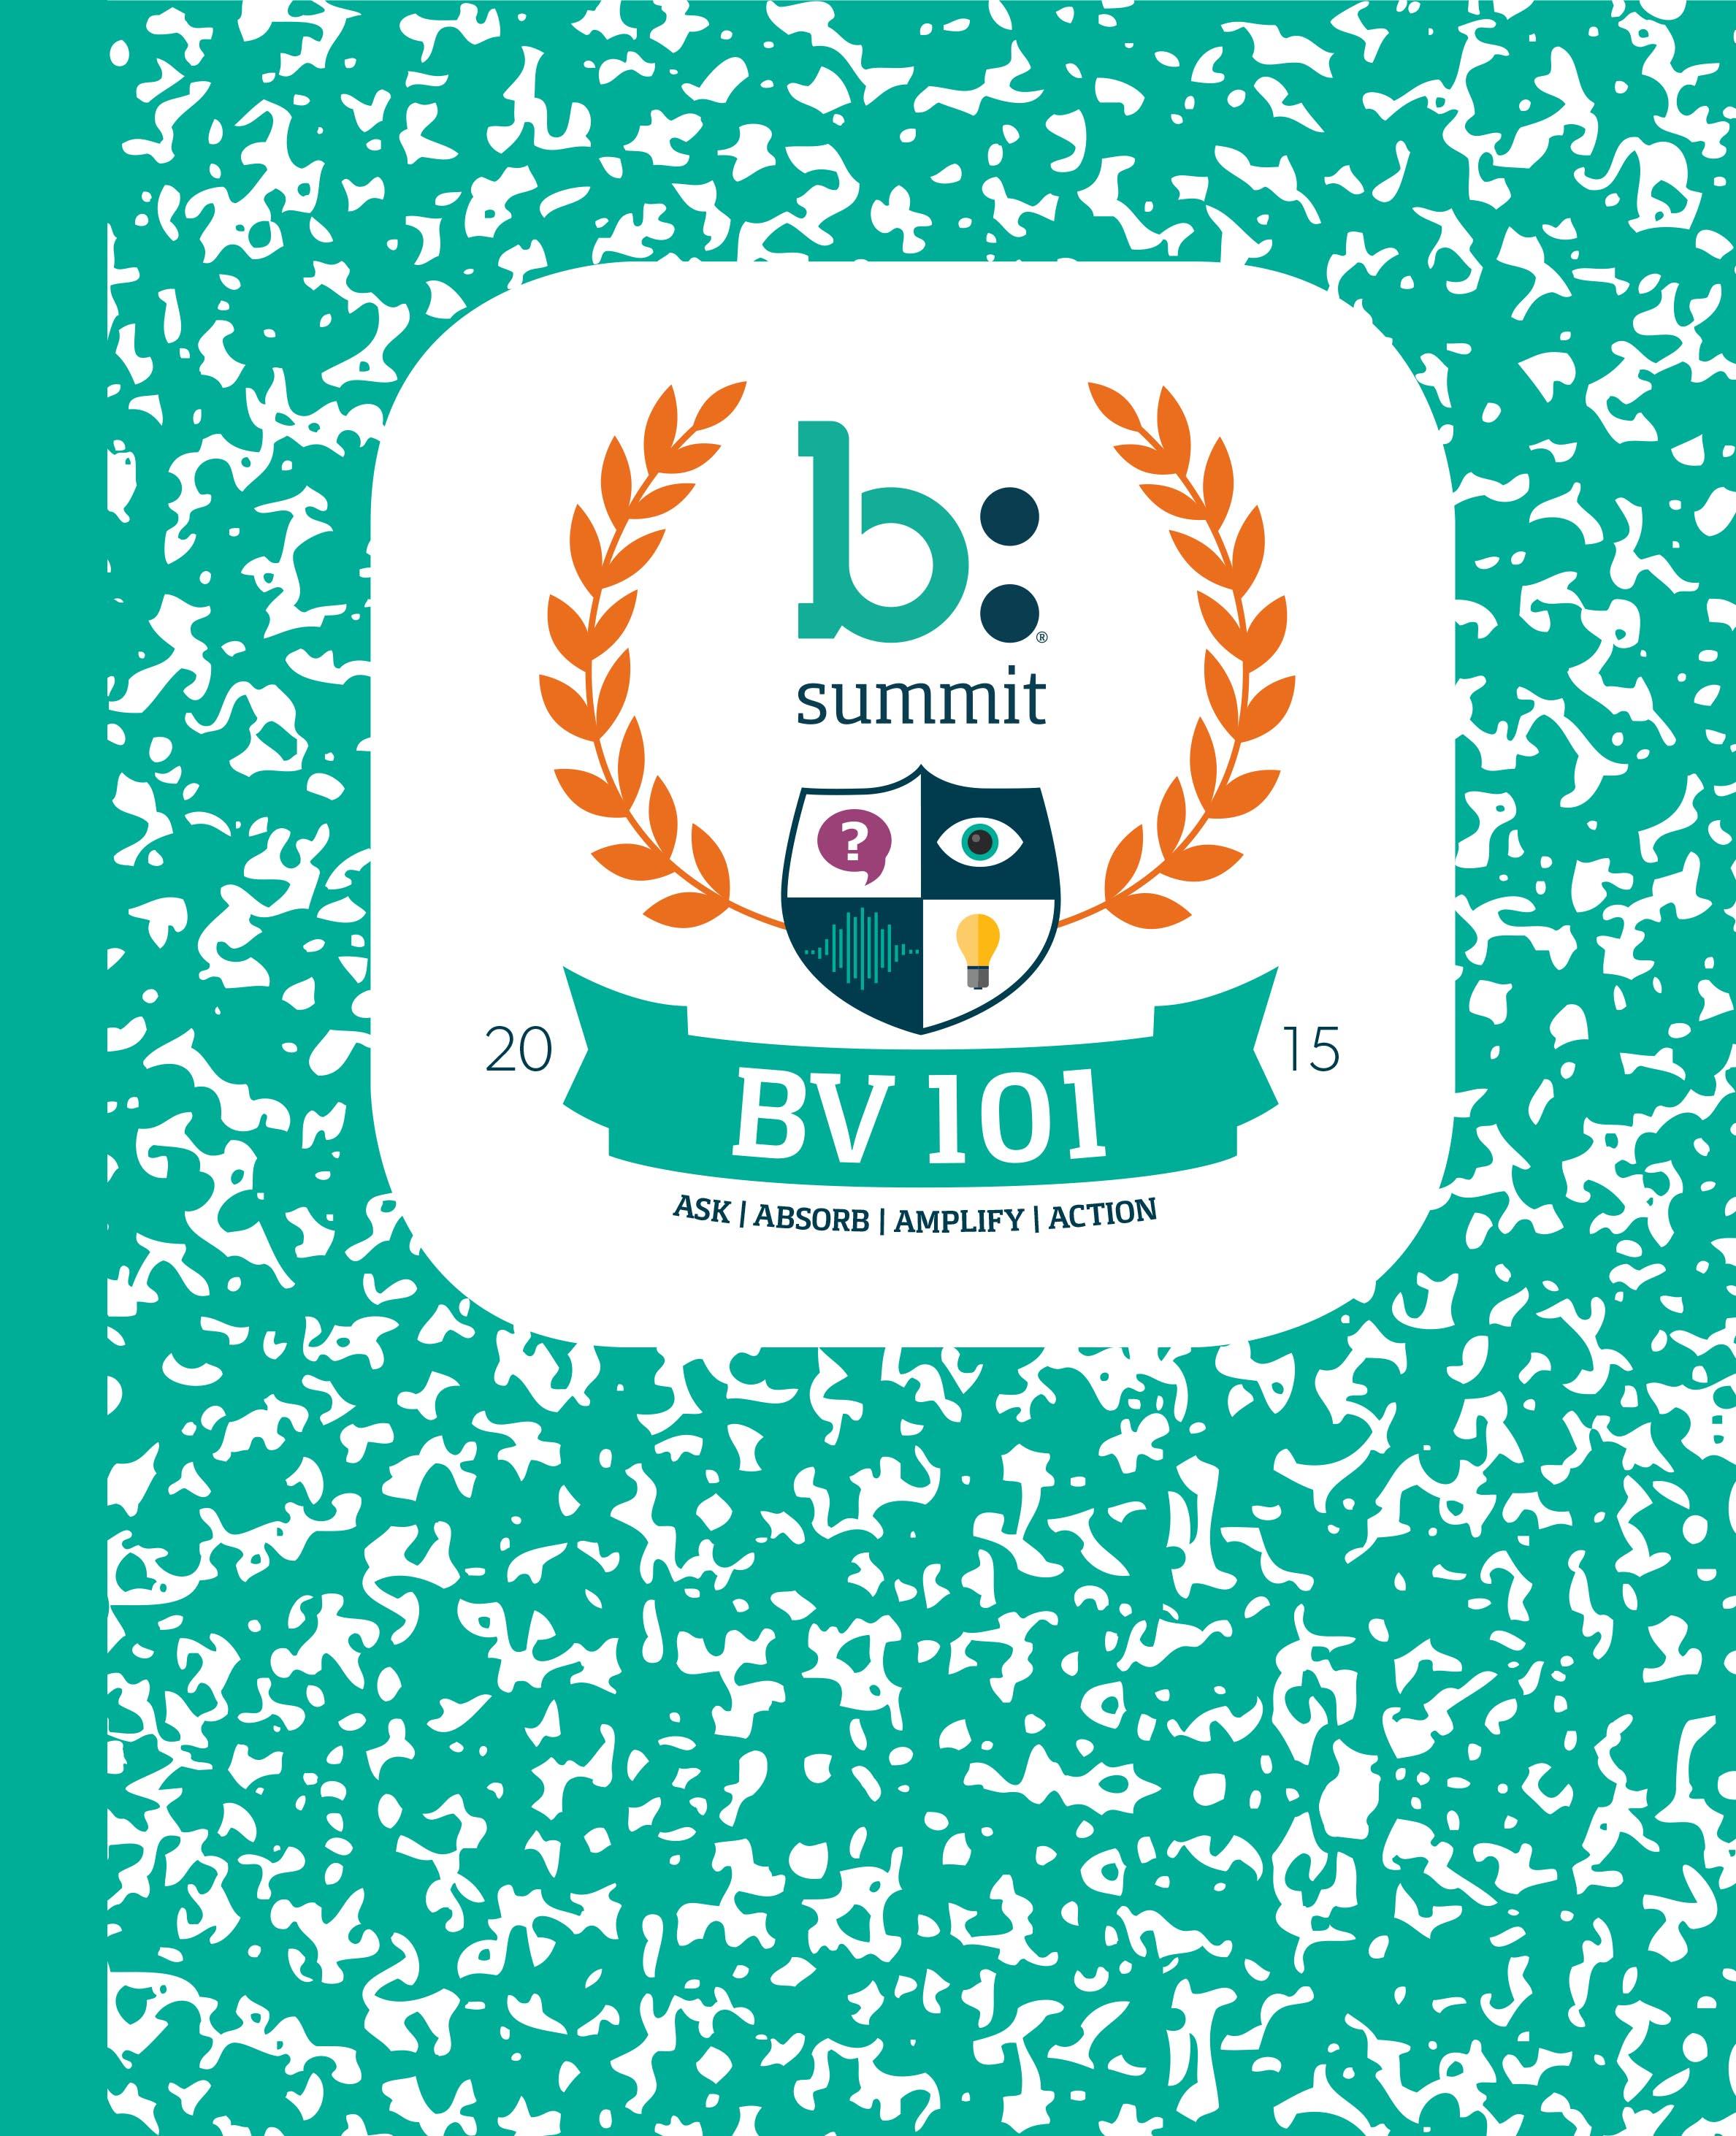 BV101-CompositionNotebook-COVER.jpg